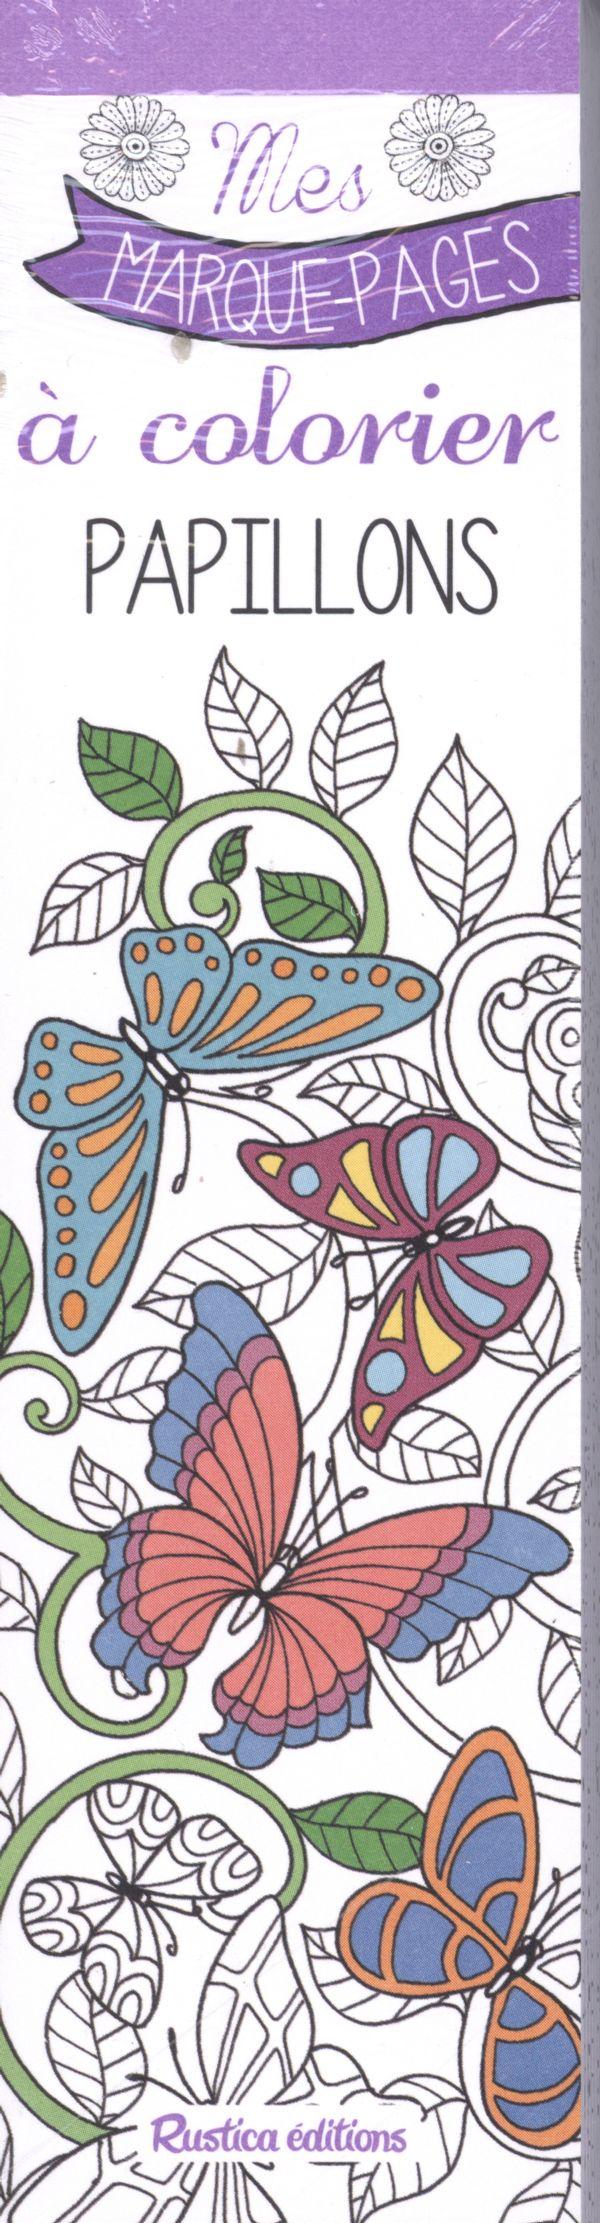 Papillons mes marque pages colorier distribution - Papillons a colorier ...